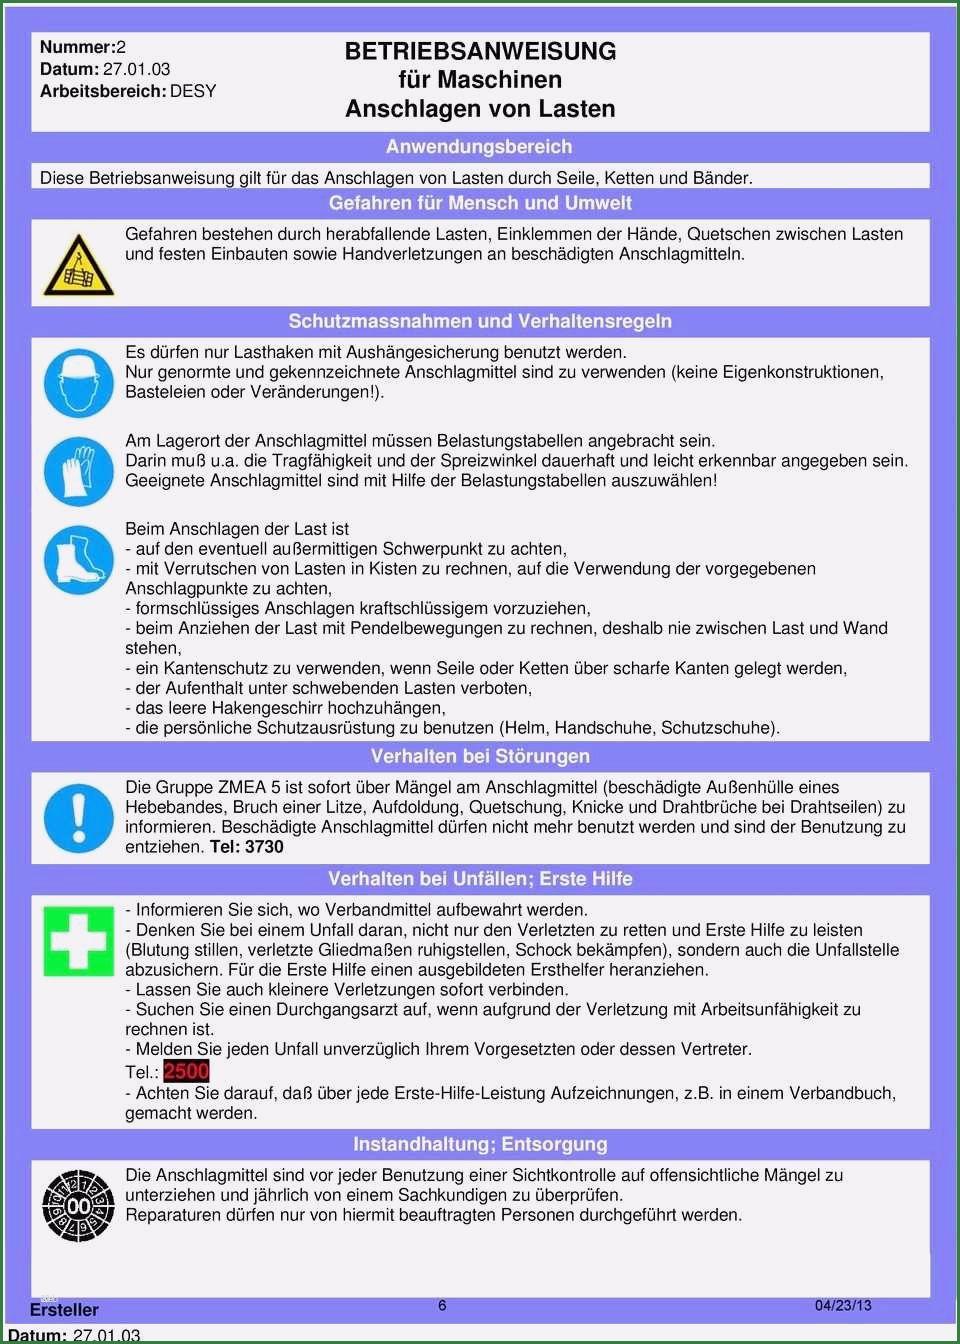 12 Grossartig Betriebsanweisung Vorlage In 2020 Betriebsanweisung Vorlagen Verhaltensregeln